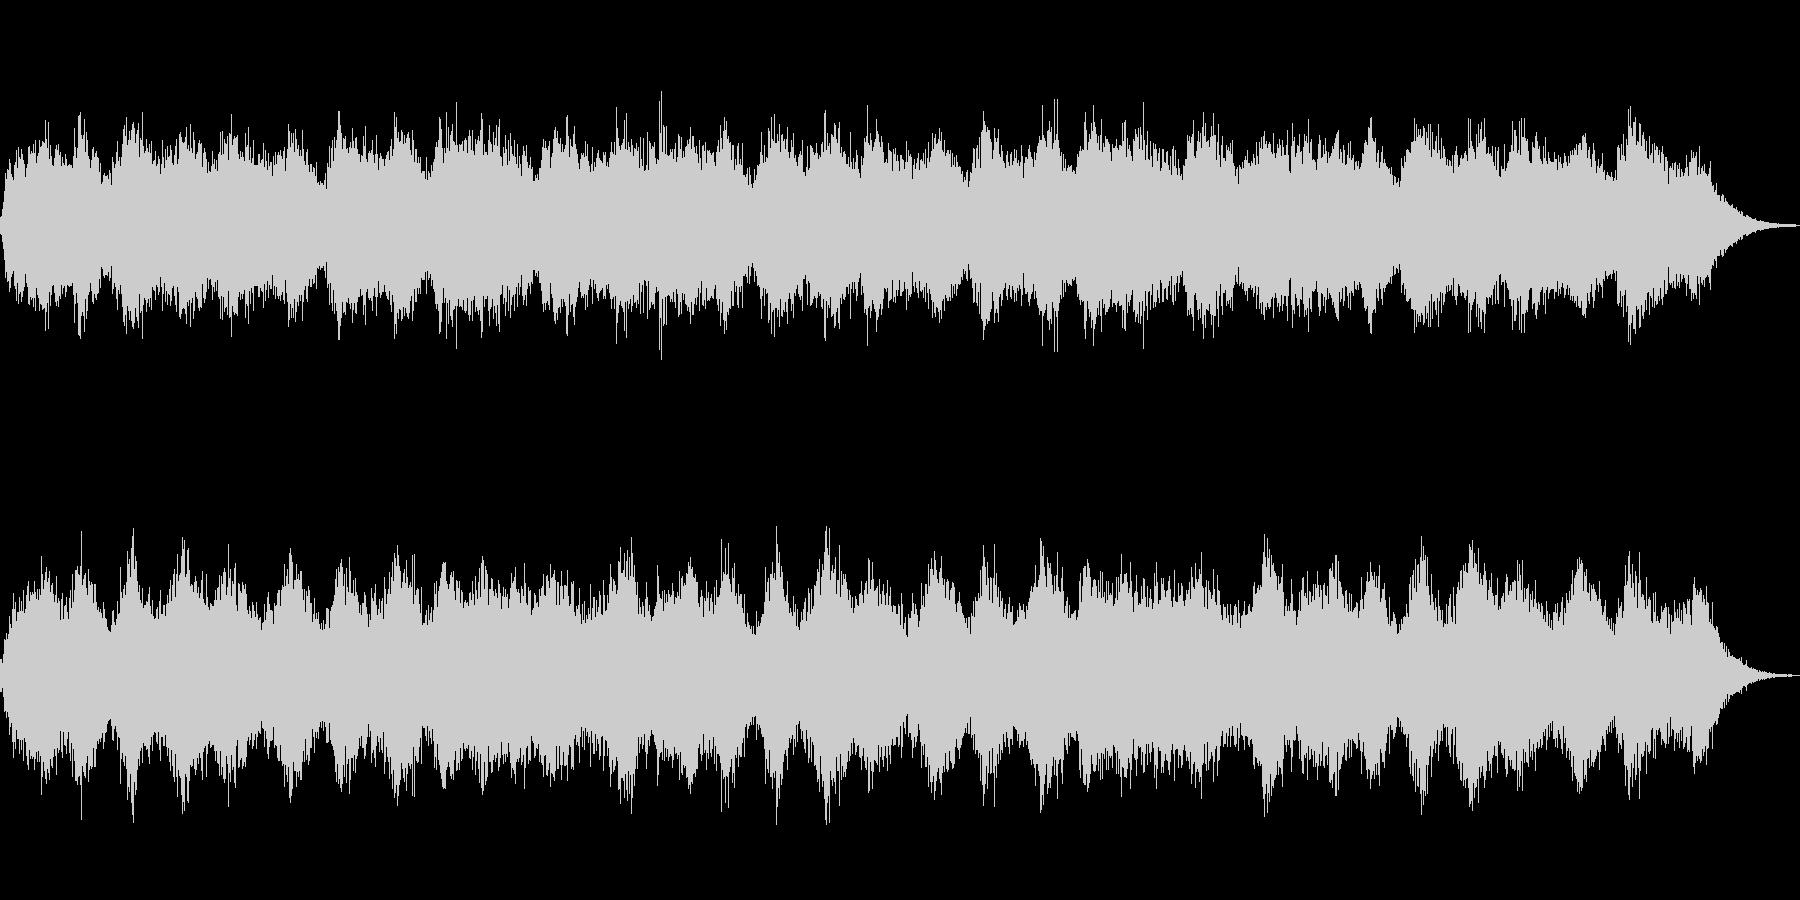 ダークアンビエントの未再生の波形